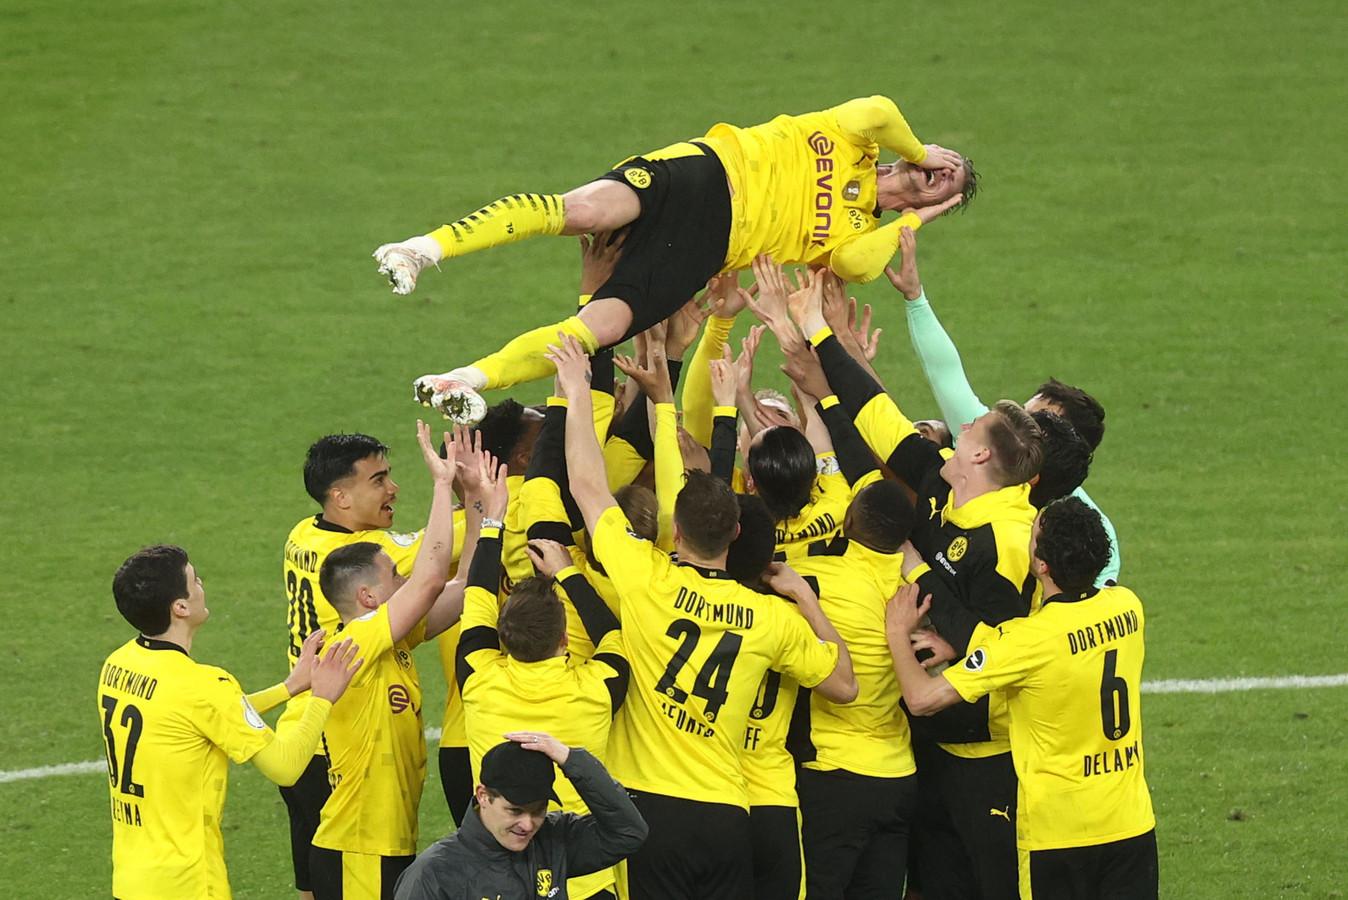 Le Borussia Dortmund n'a laissé aucune chance à Leipzig en finale de la Coupe d'Allemagne.